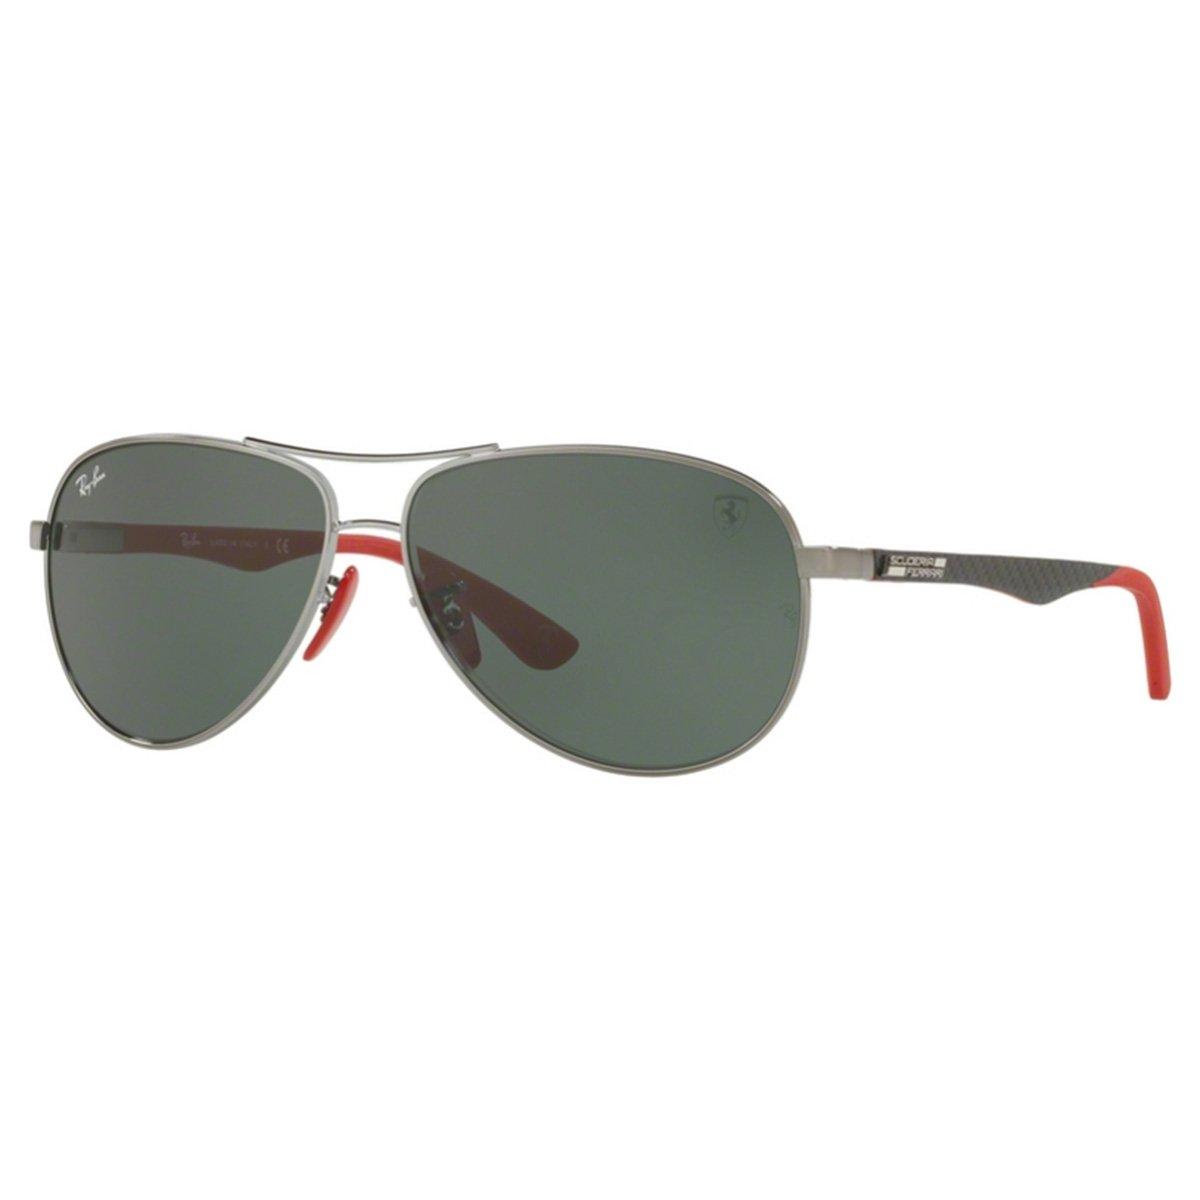 Compre Óculos de Sol Ray Ban Ferrari em 10X   Tri-Jóia Shop becca94536